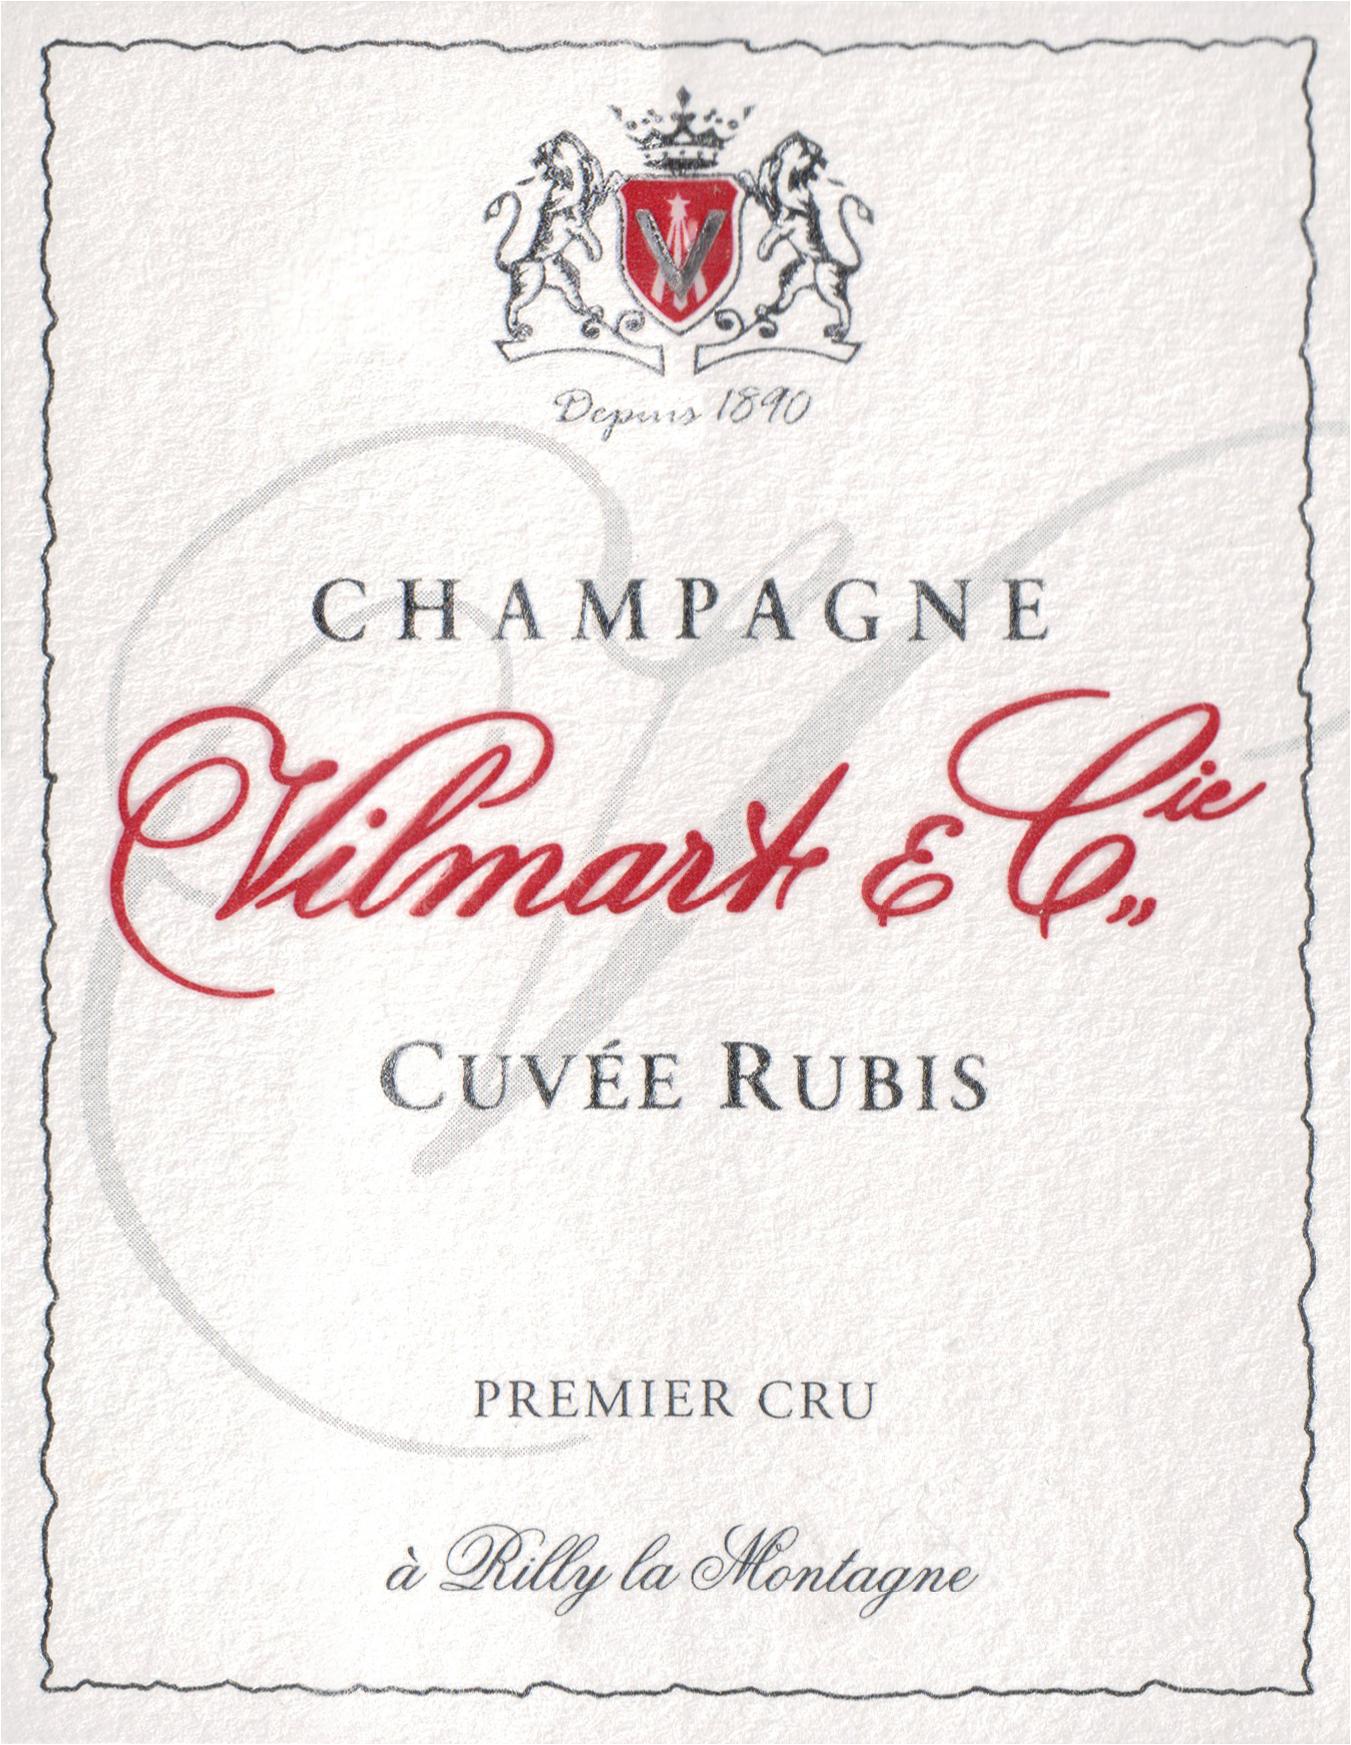 Vilmart & Cie Cuvee Rubis Brut Rose